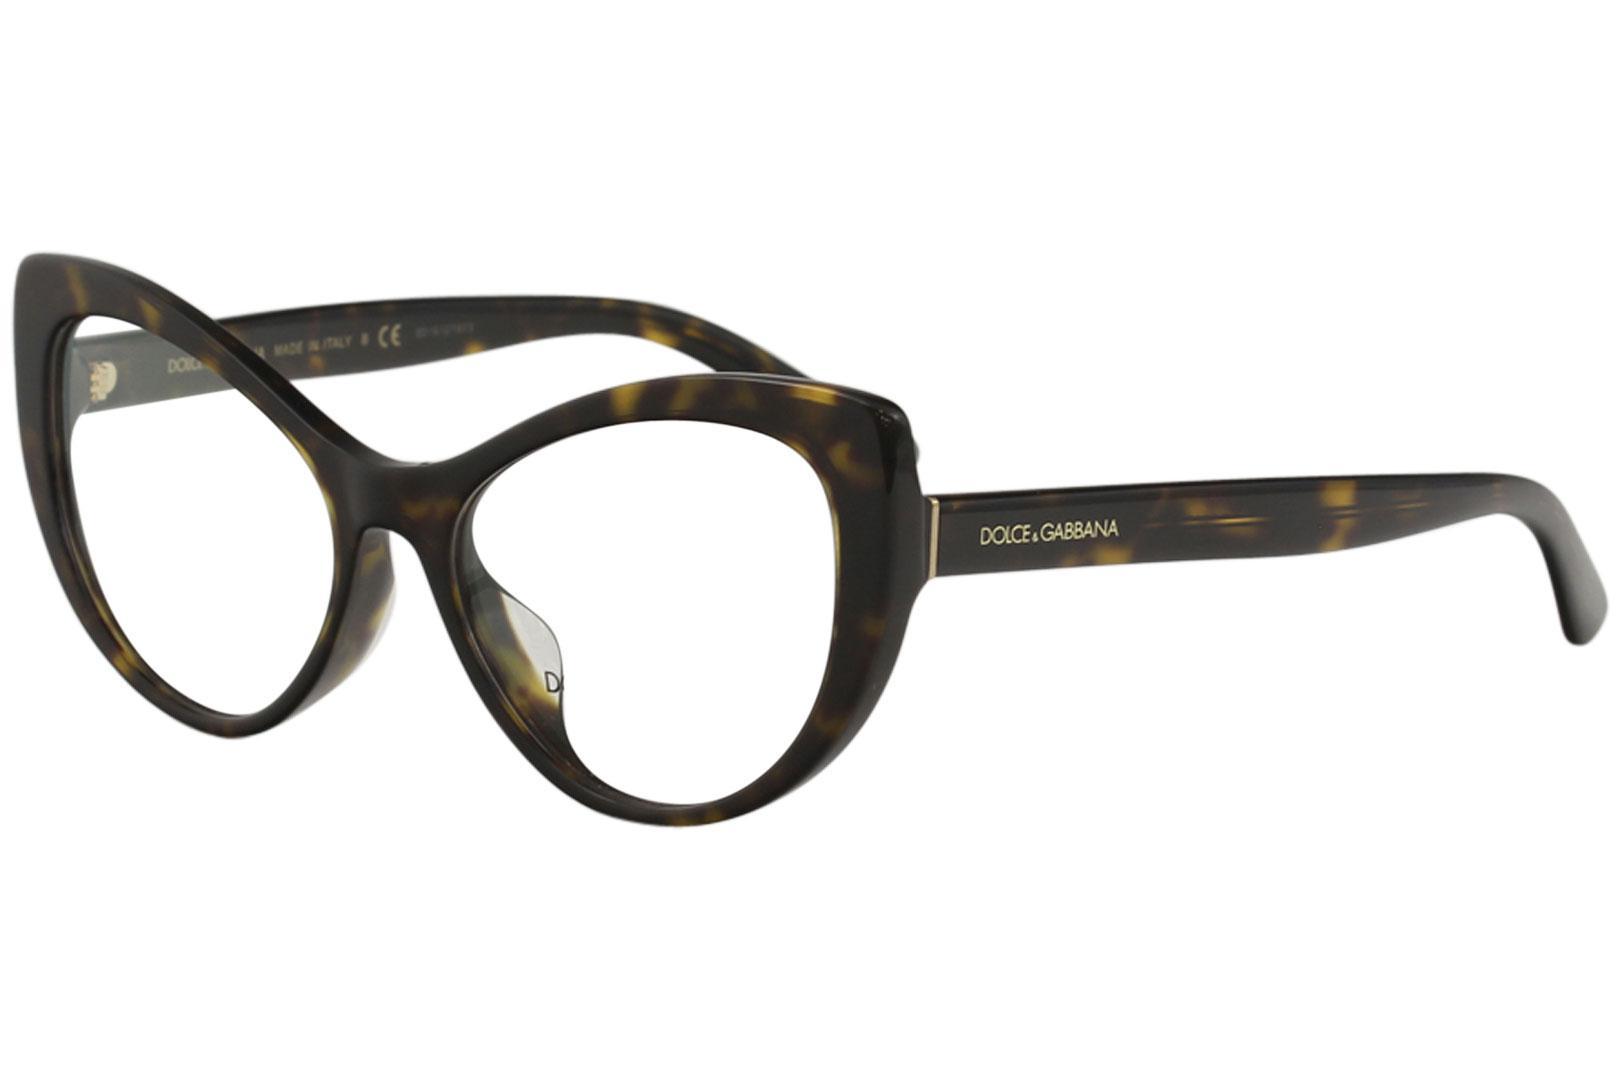 Dolce & Gabbana Women's Eyeglasses D&G DG3285F DG/3285/F Full Rim Optical Frame